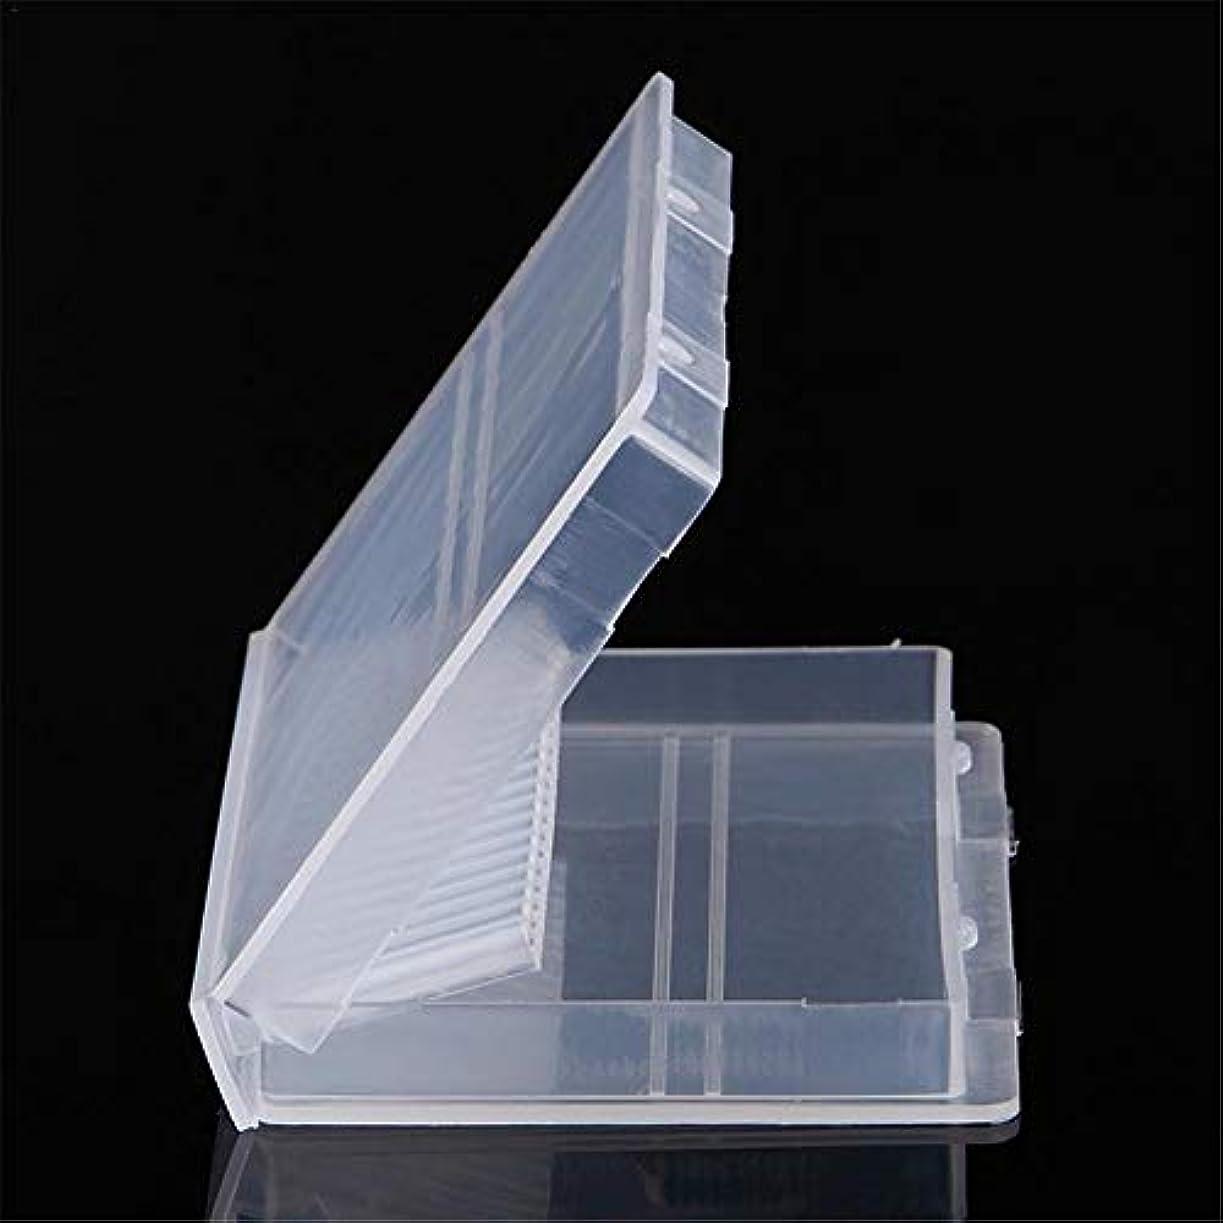 アヒルワークショップ準拠Ruier-tong ネイルドリル 収納ケース ネイルビッドセット 研削ネイル用 透明 プラスチック 20穴 ネイル研削ヘッド収納ボックス